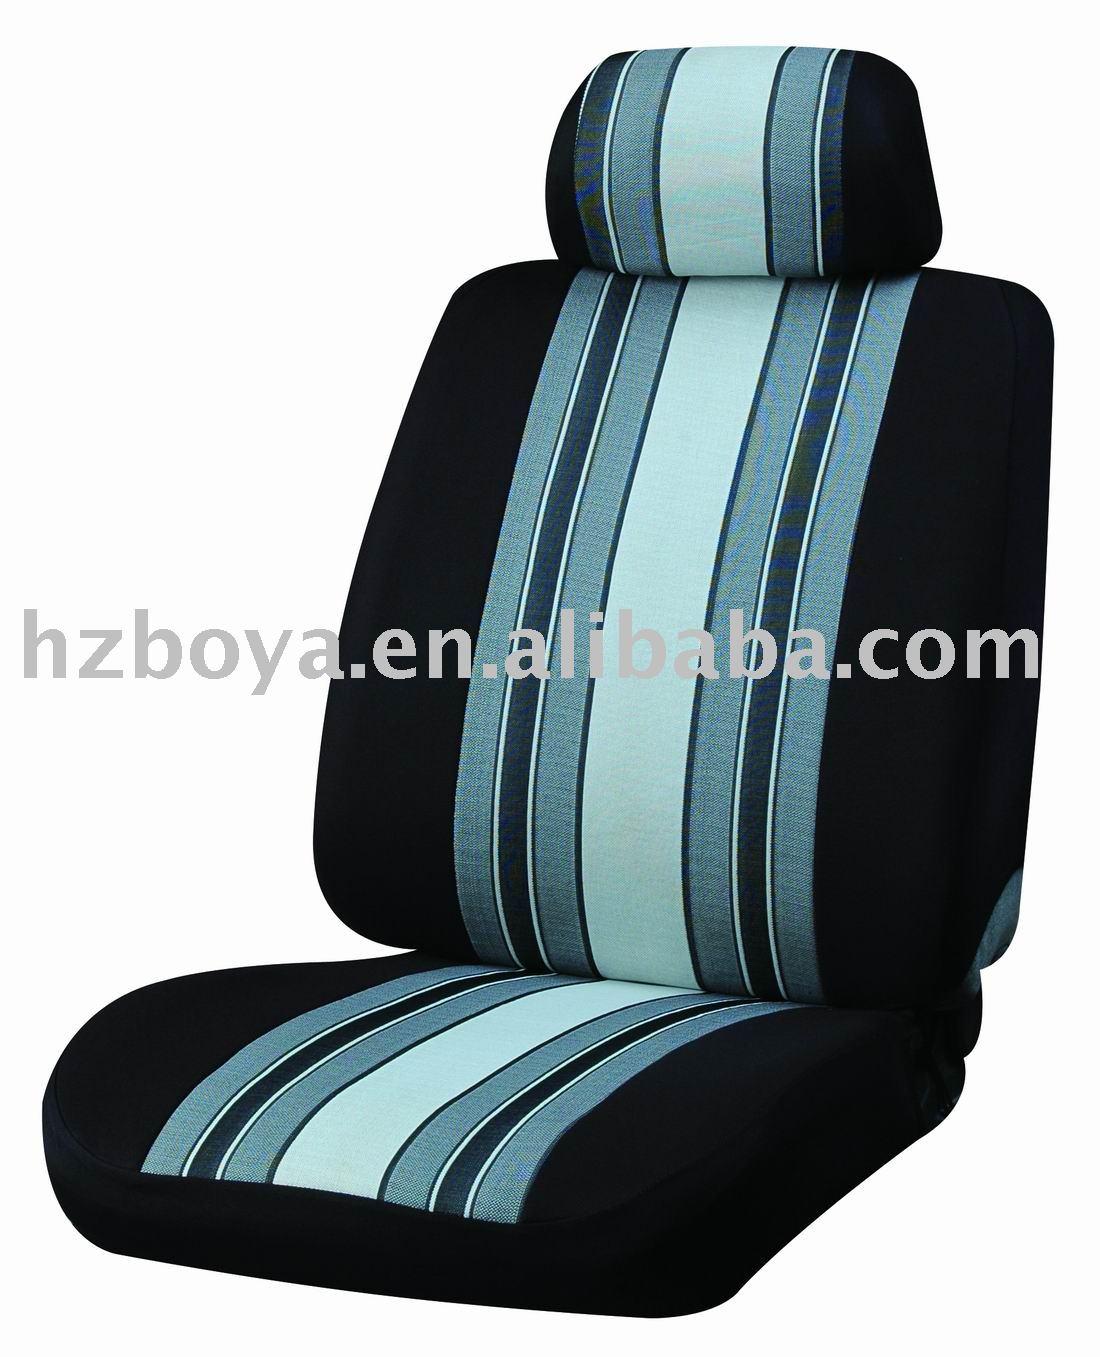 Disney Tigger Seatcovers Cosco Scenera Convertible Car